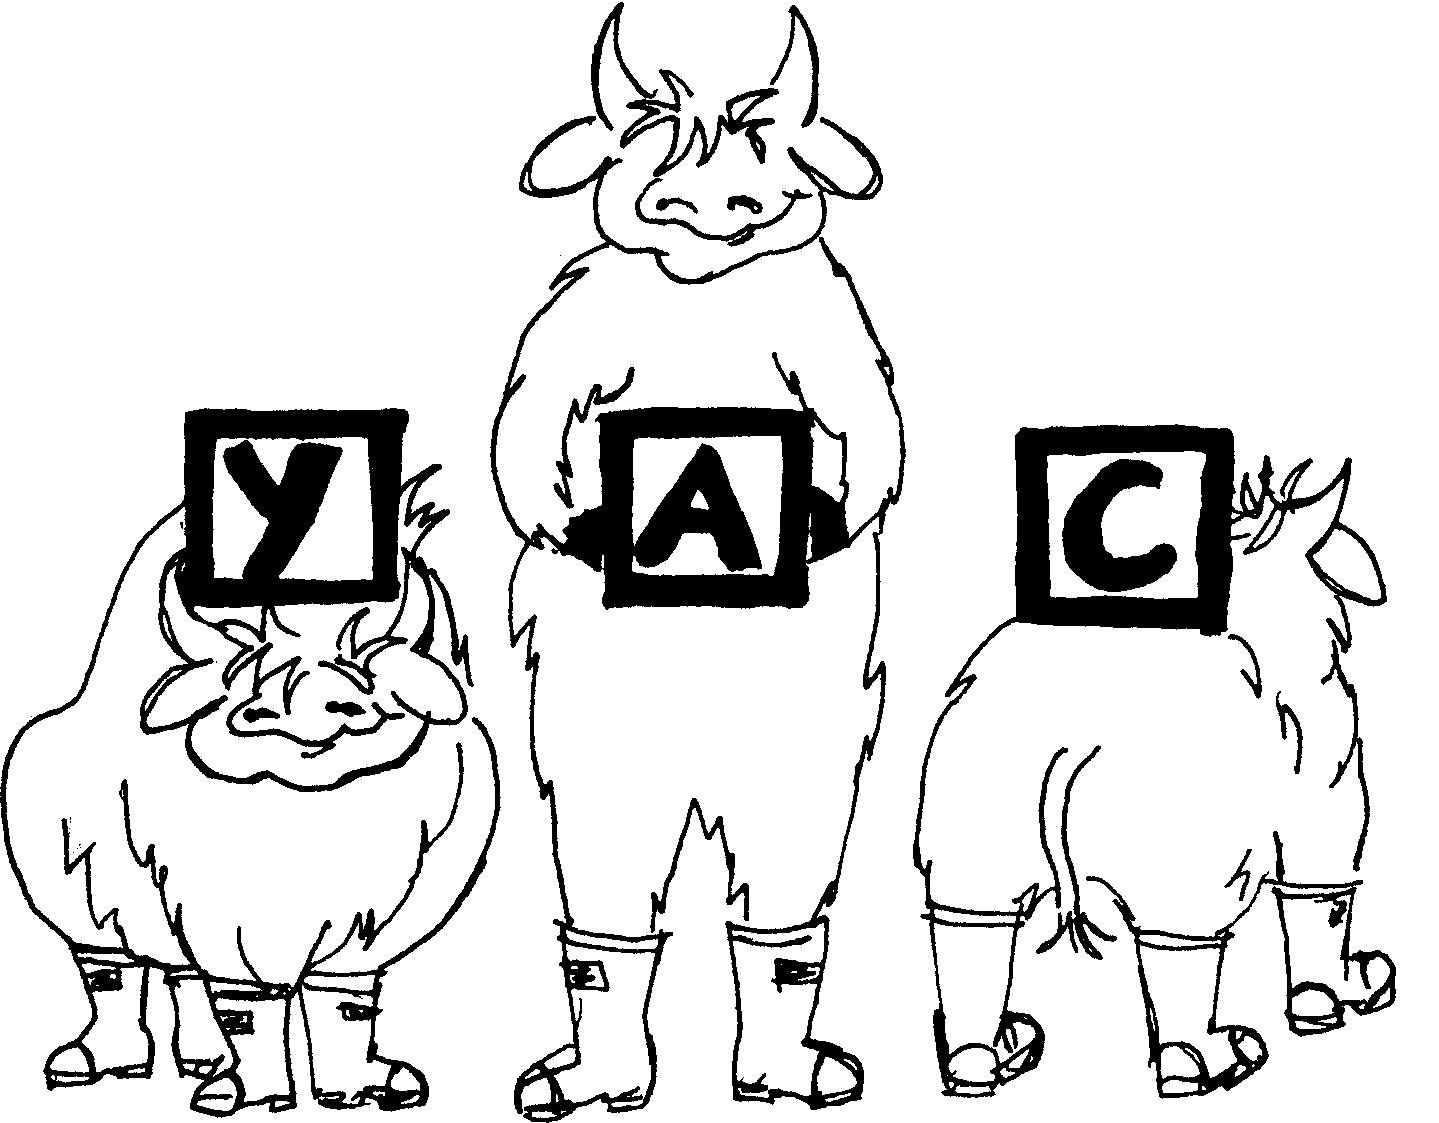 YAC Grant Program